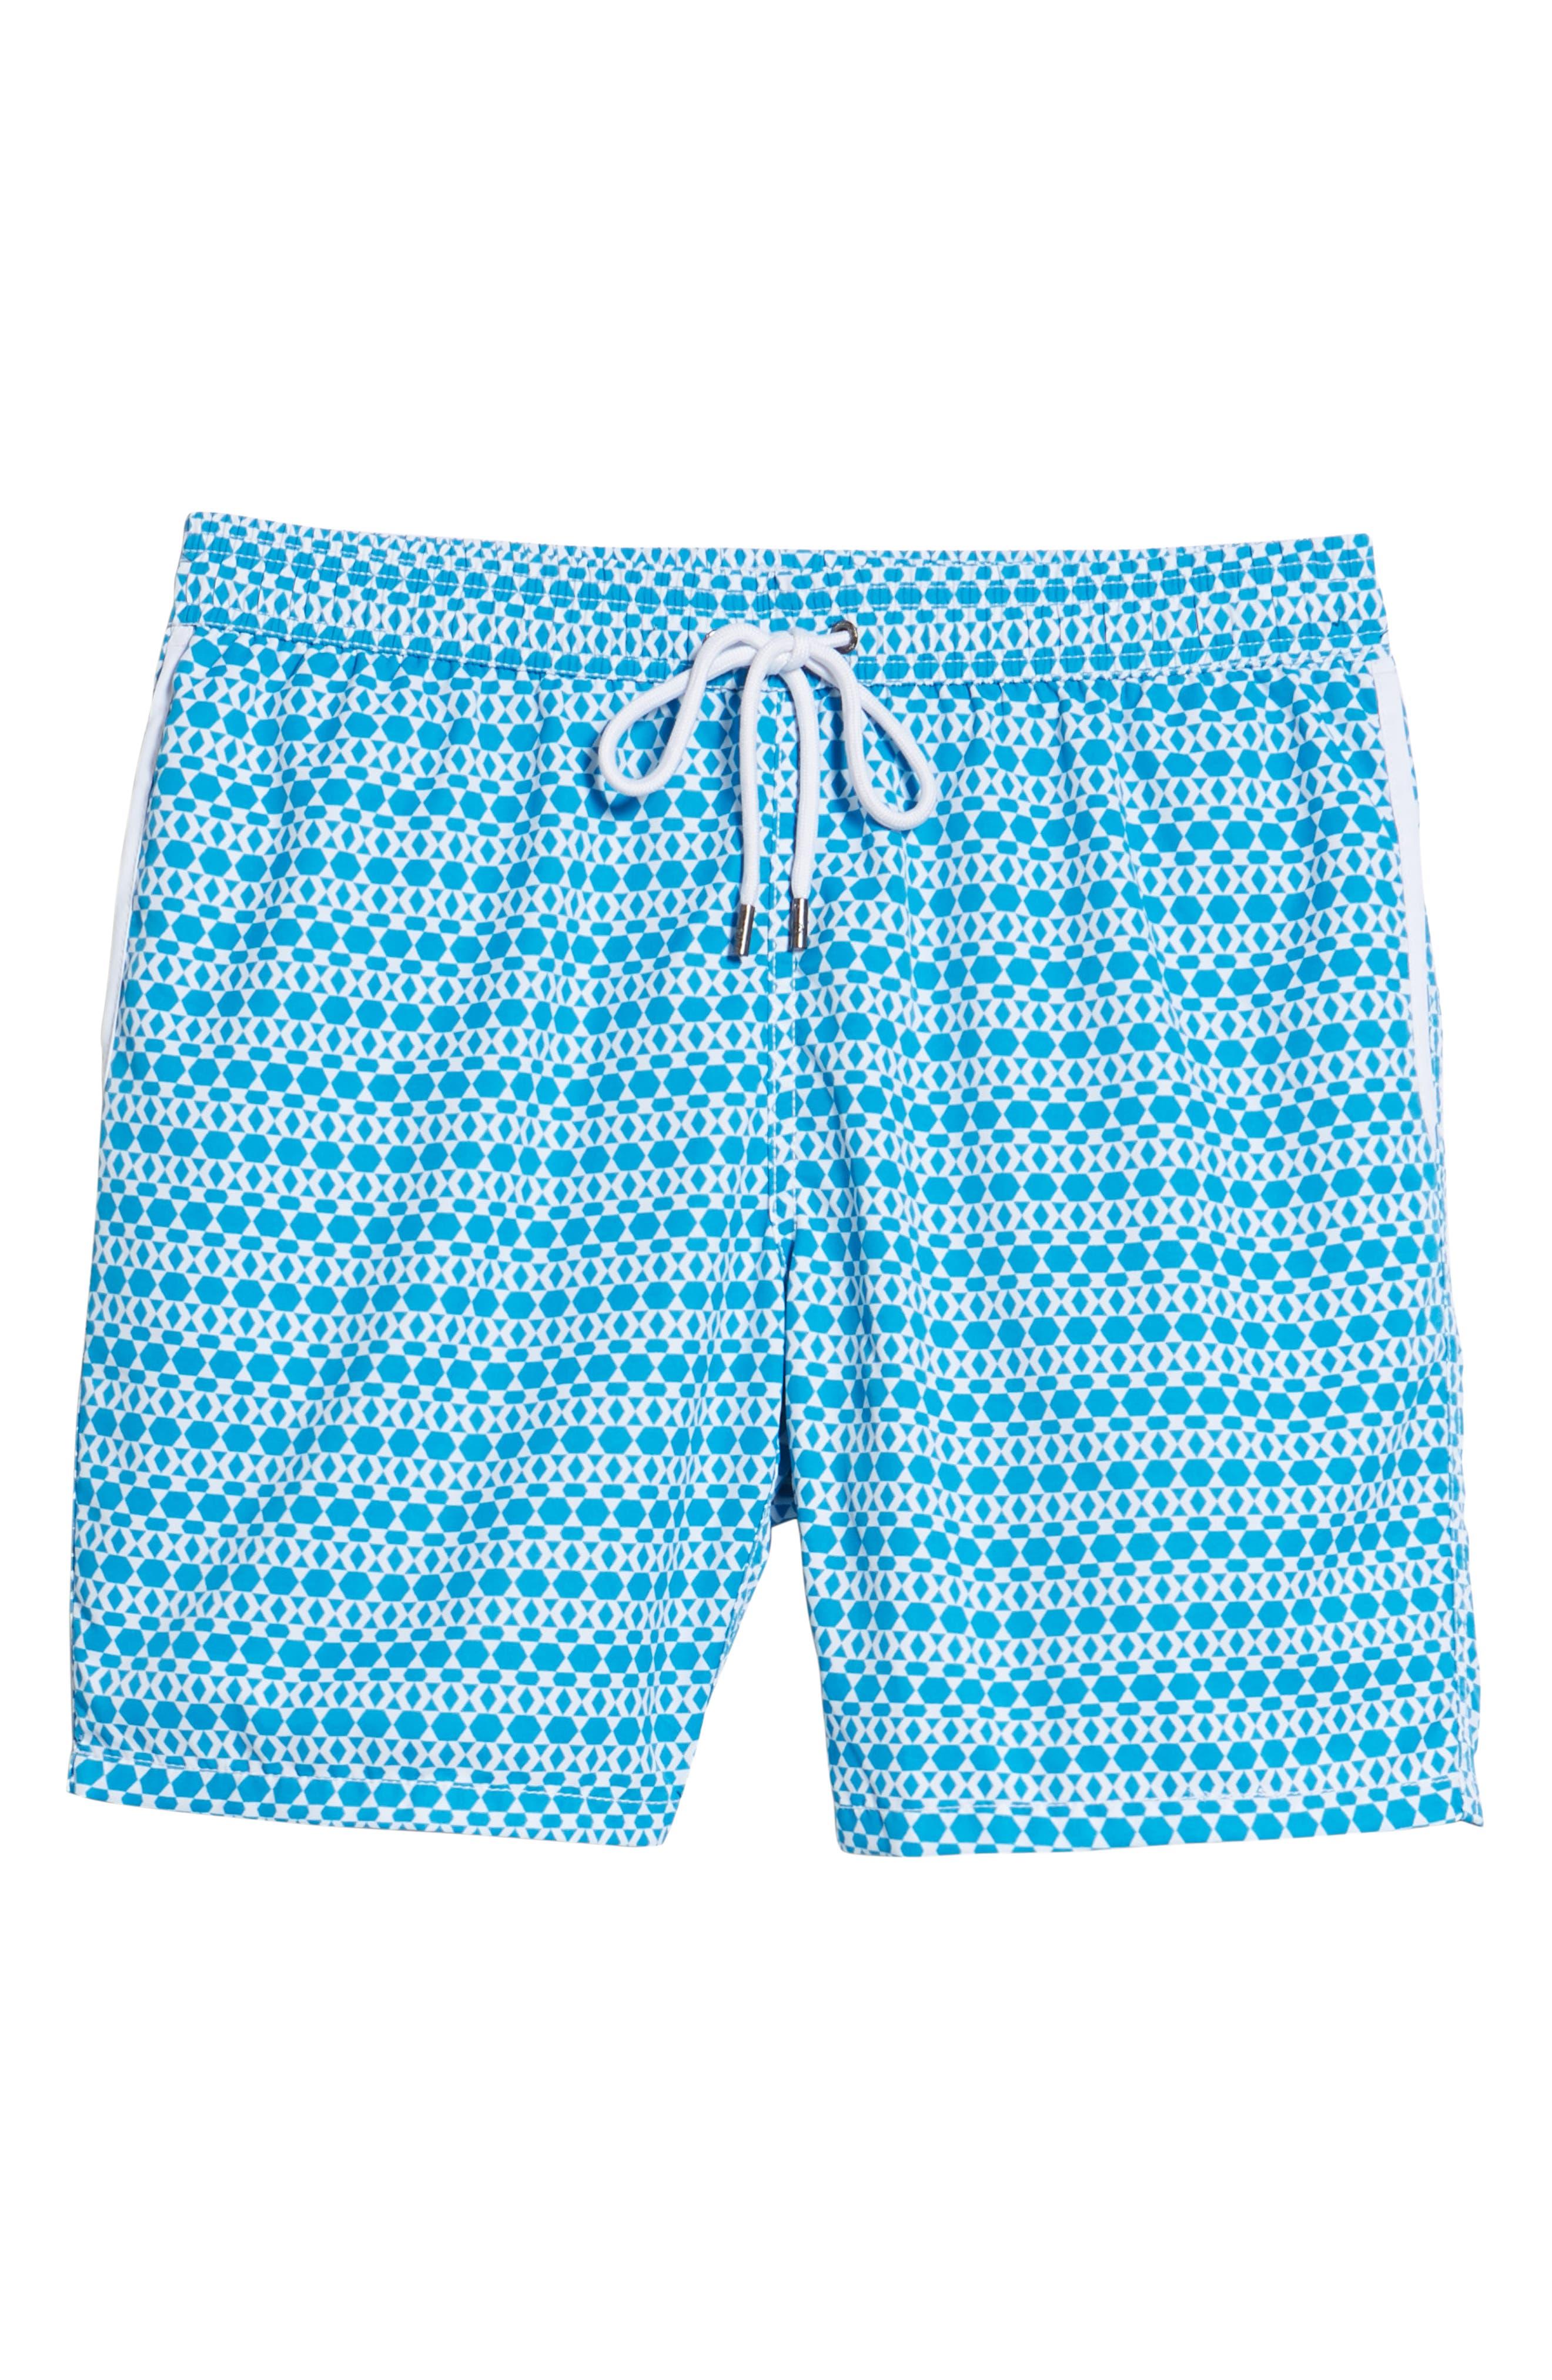 Mr. Swim Hexagon Stripe Swim Trunks,                             Alternate thumbnail 6, color,                             NAVY